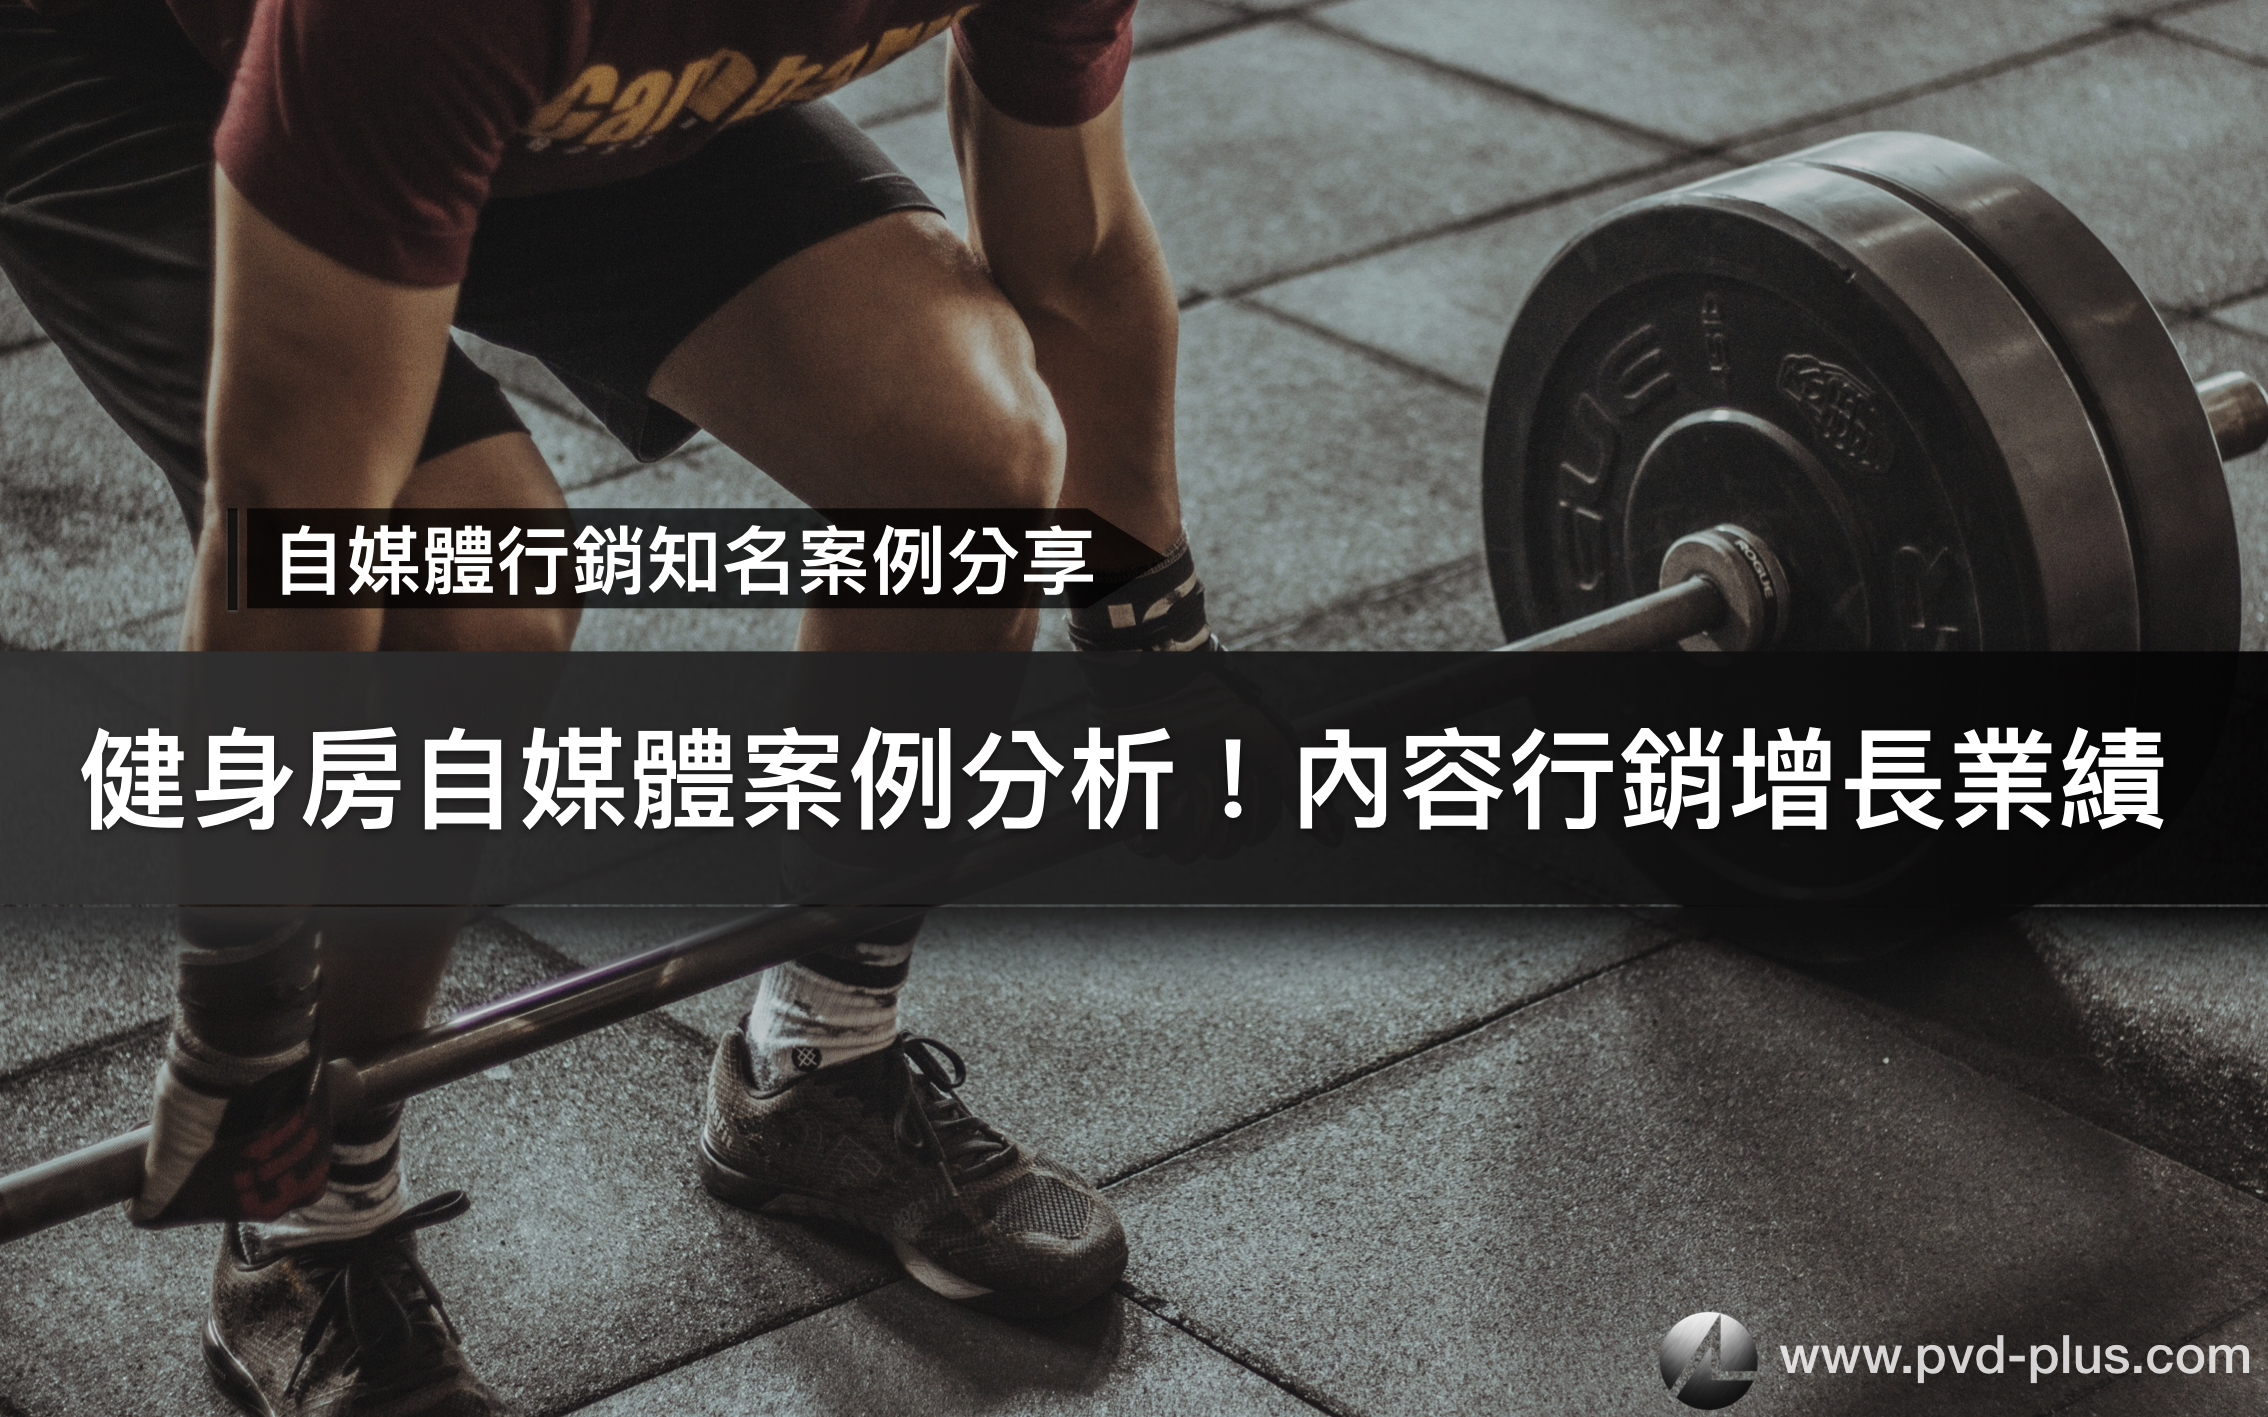 健身房如何增加業績?如何讓更多消費者看見你?